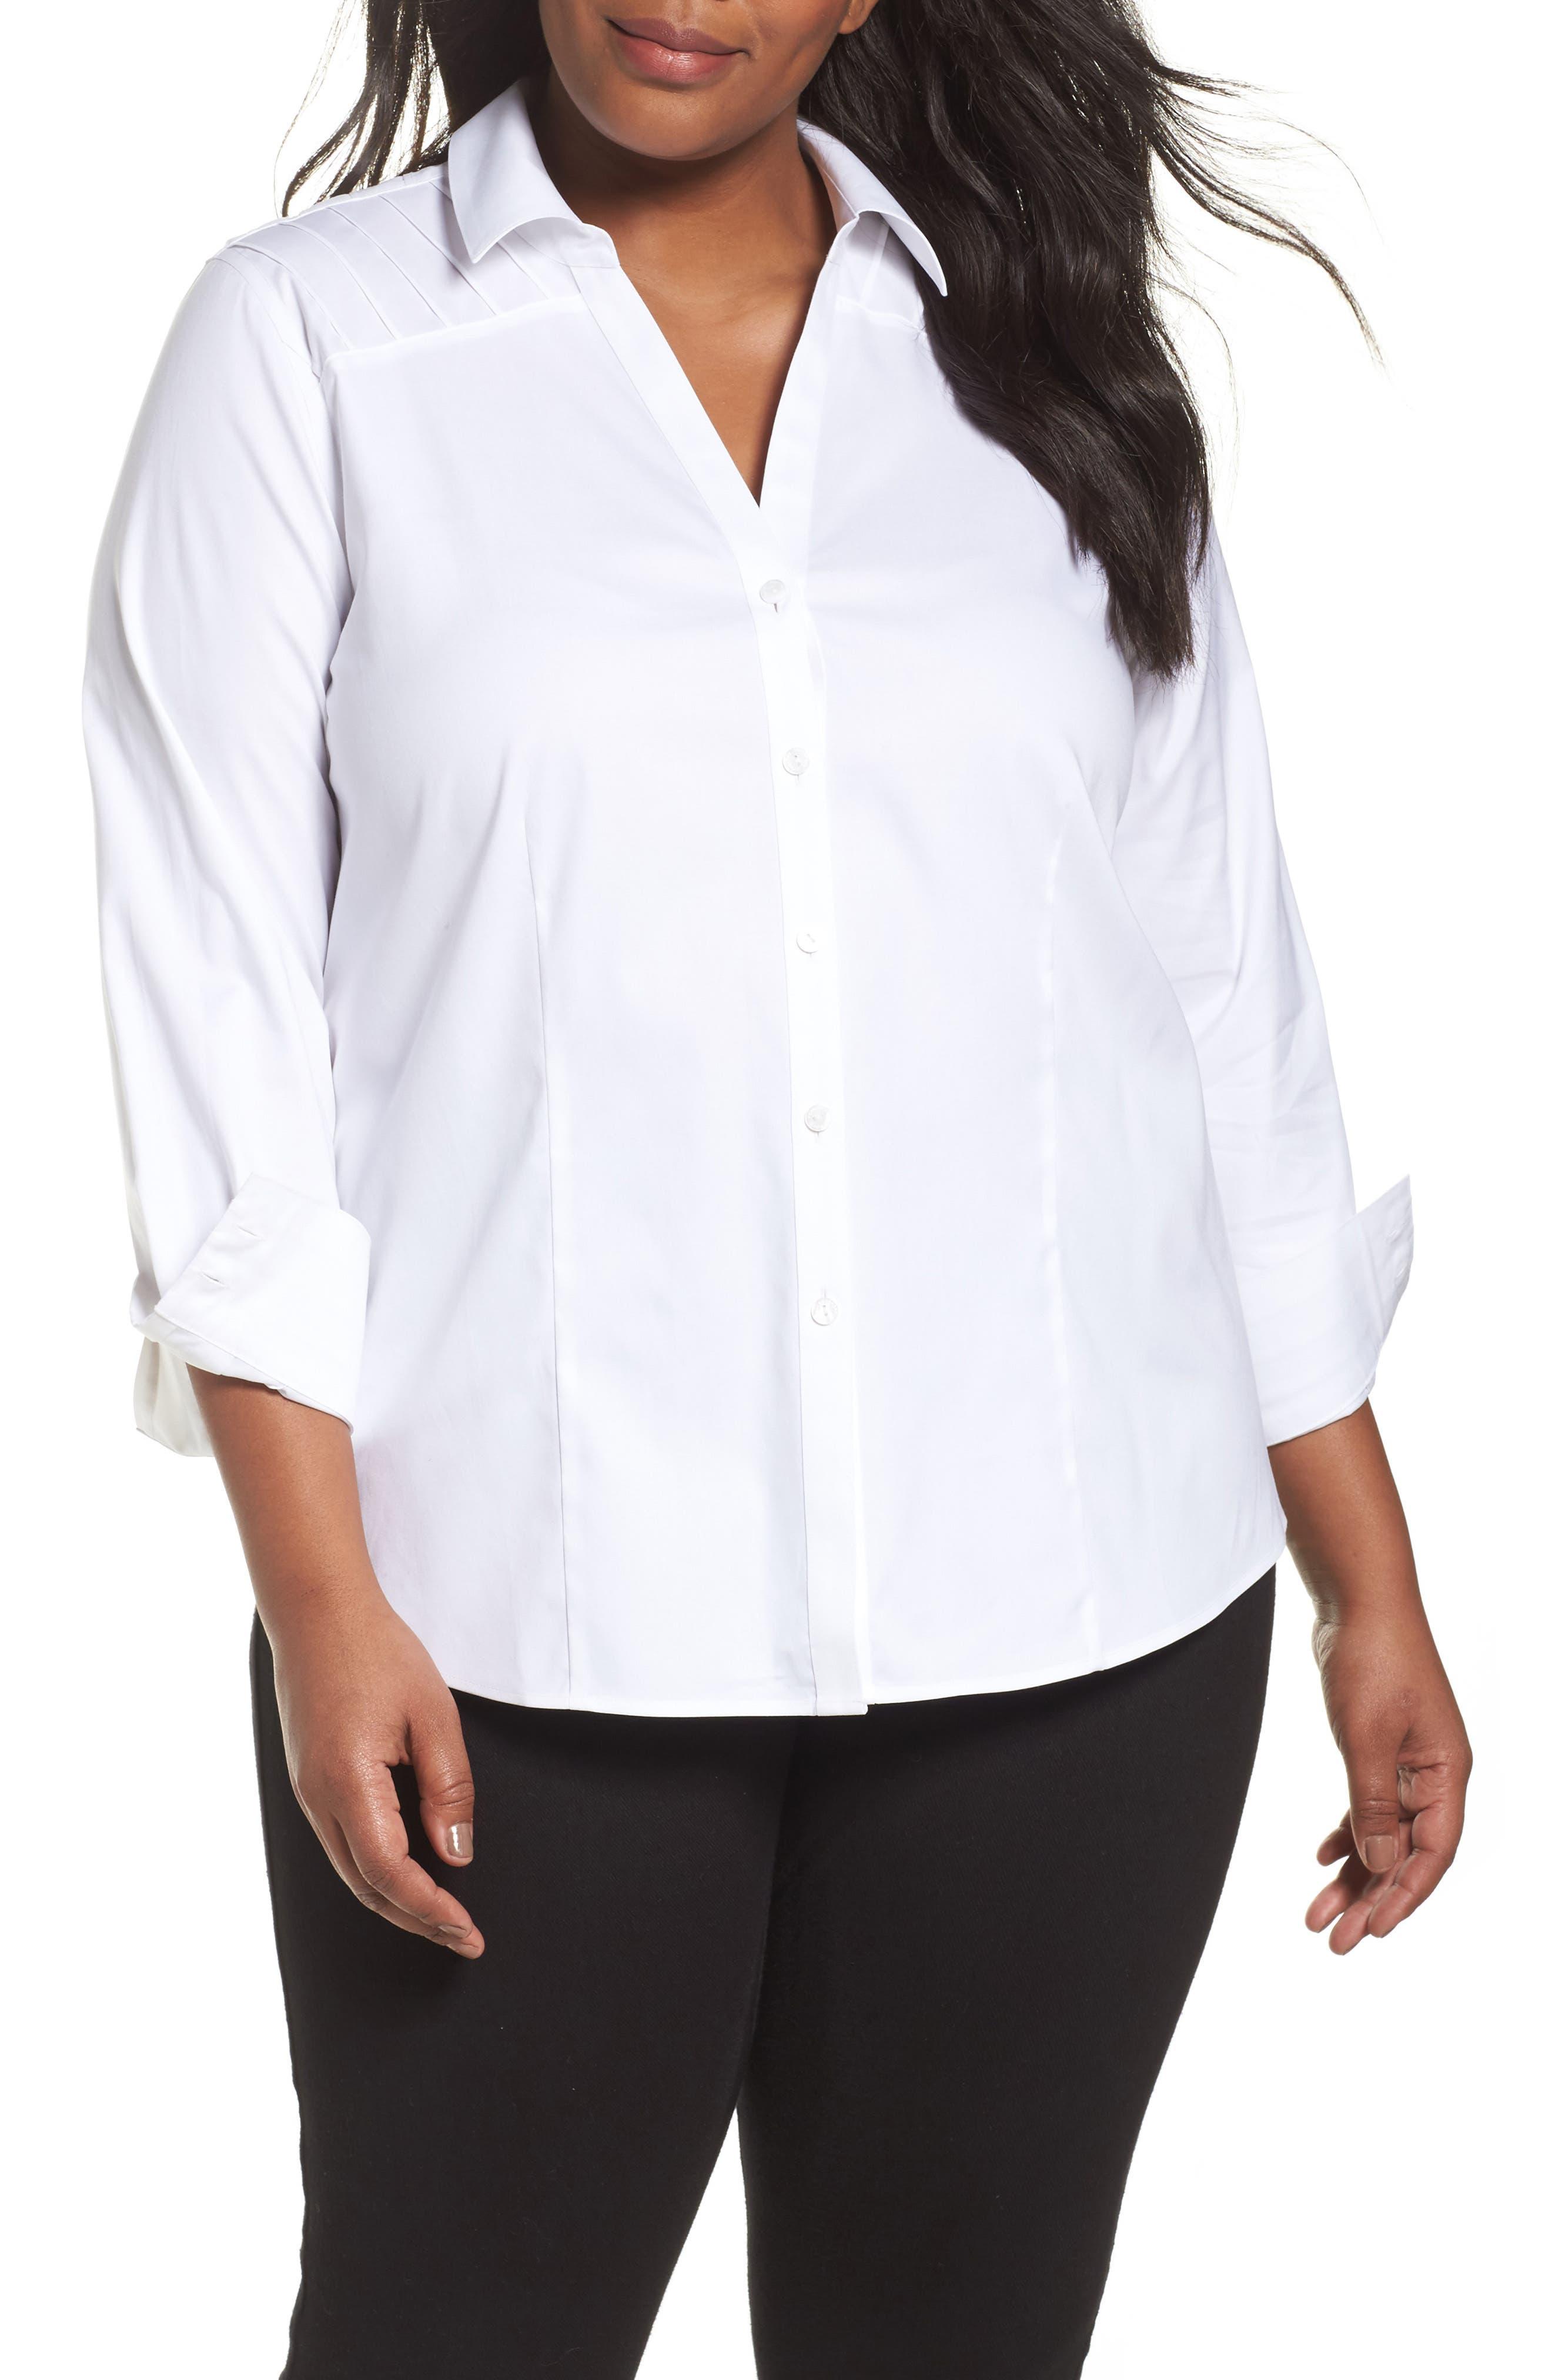 Rita Solid Stretch Cotton Top,                         Main,                         color, White